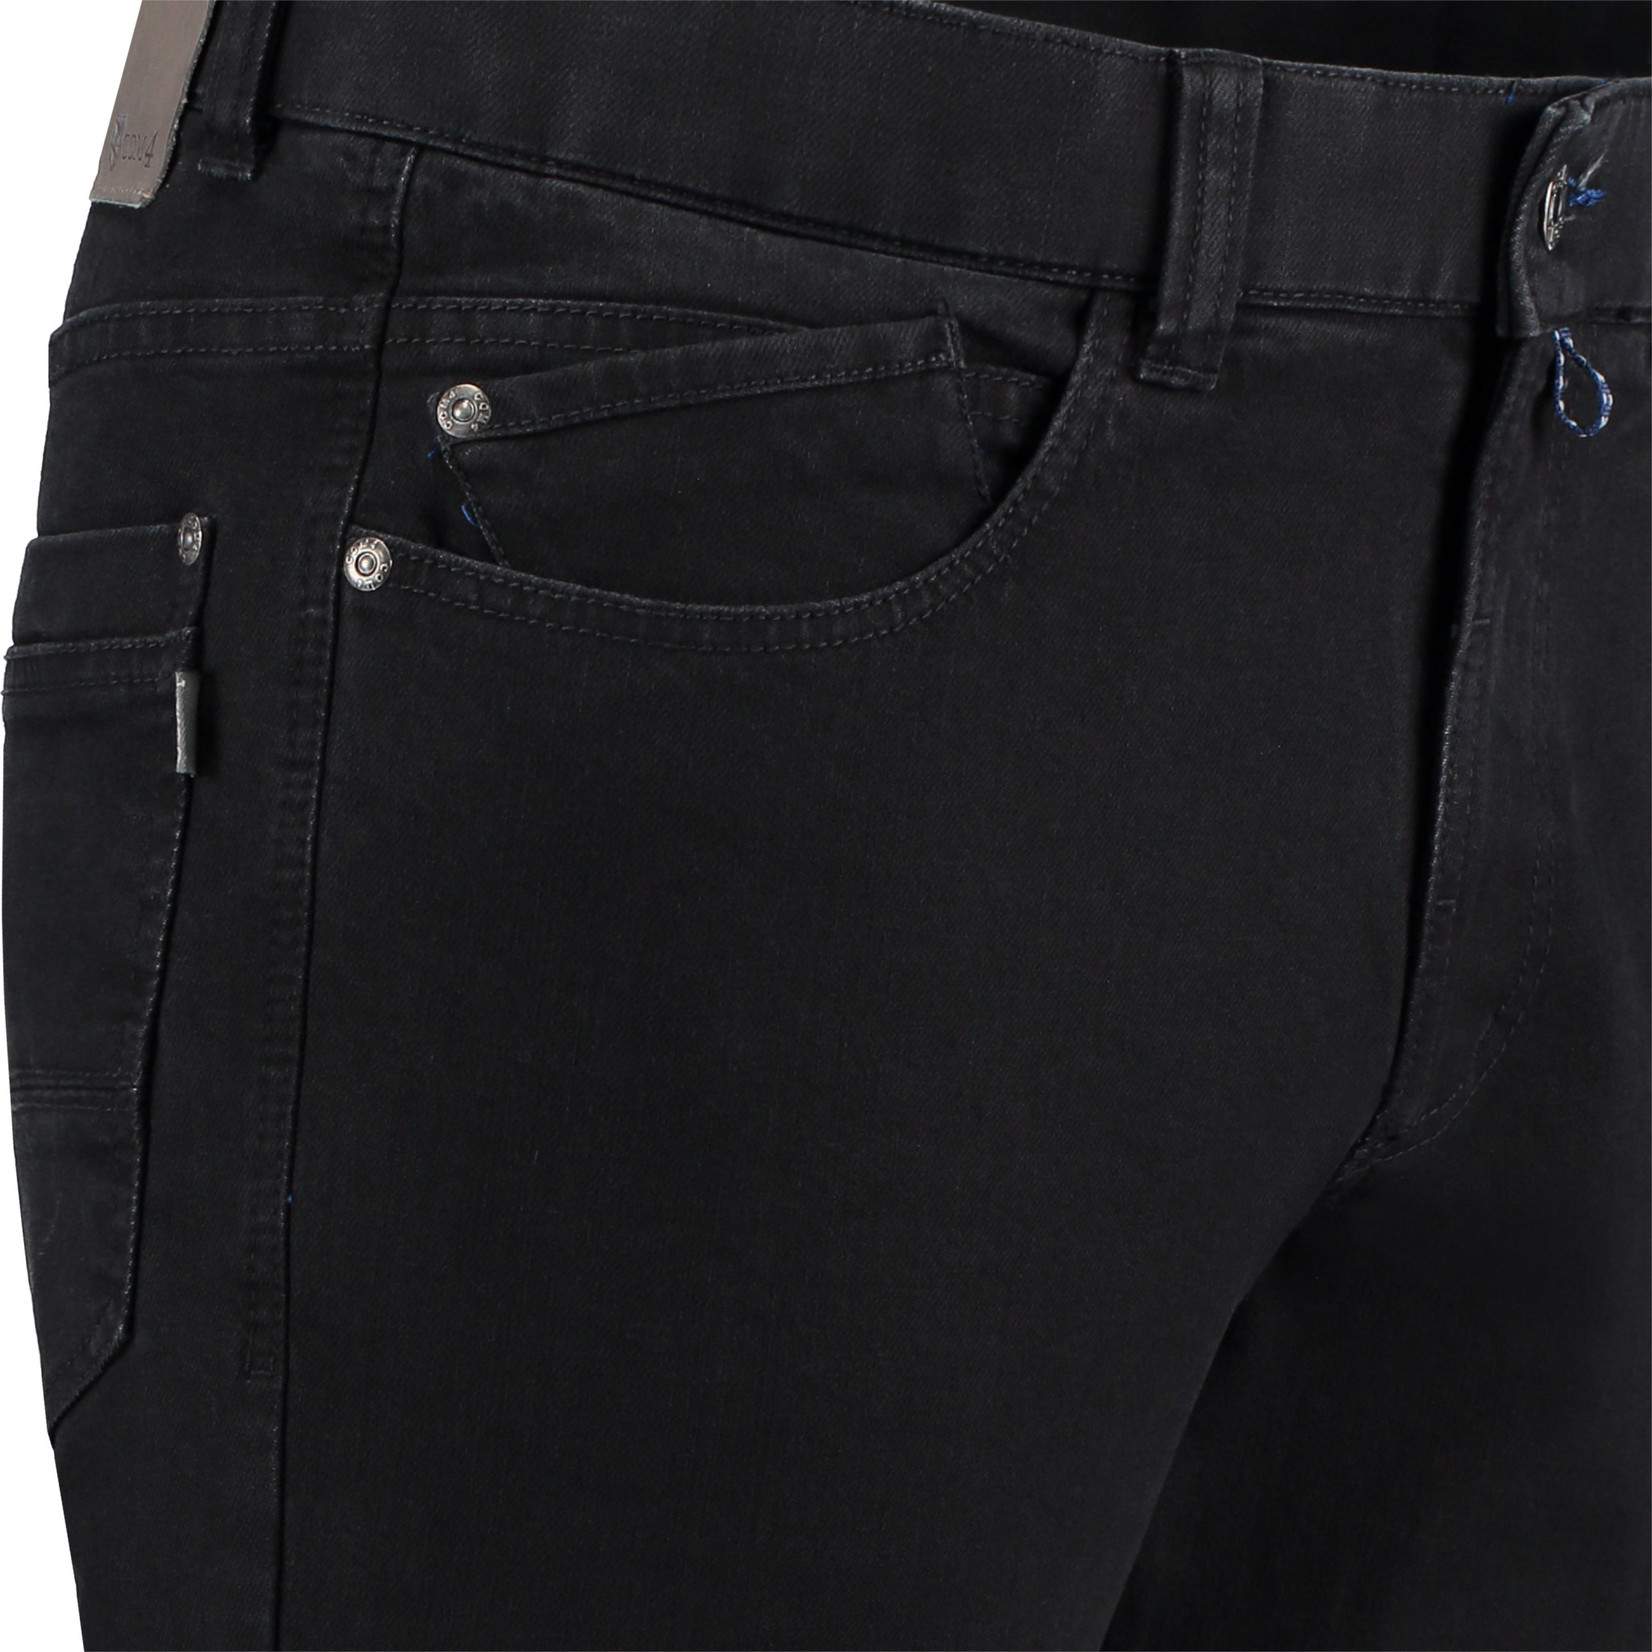 Com4 Urban jeans zwart 2170-3610